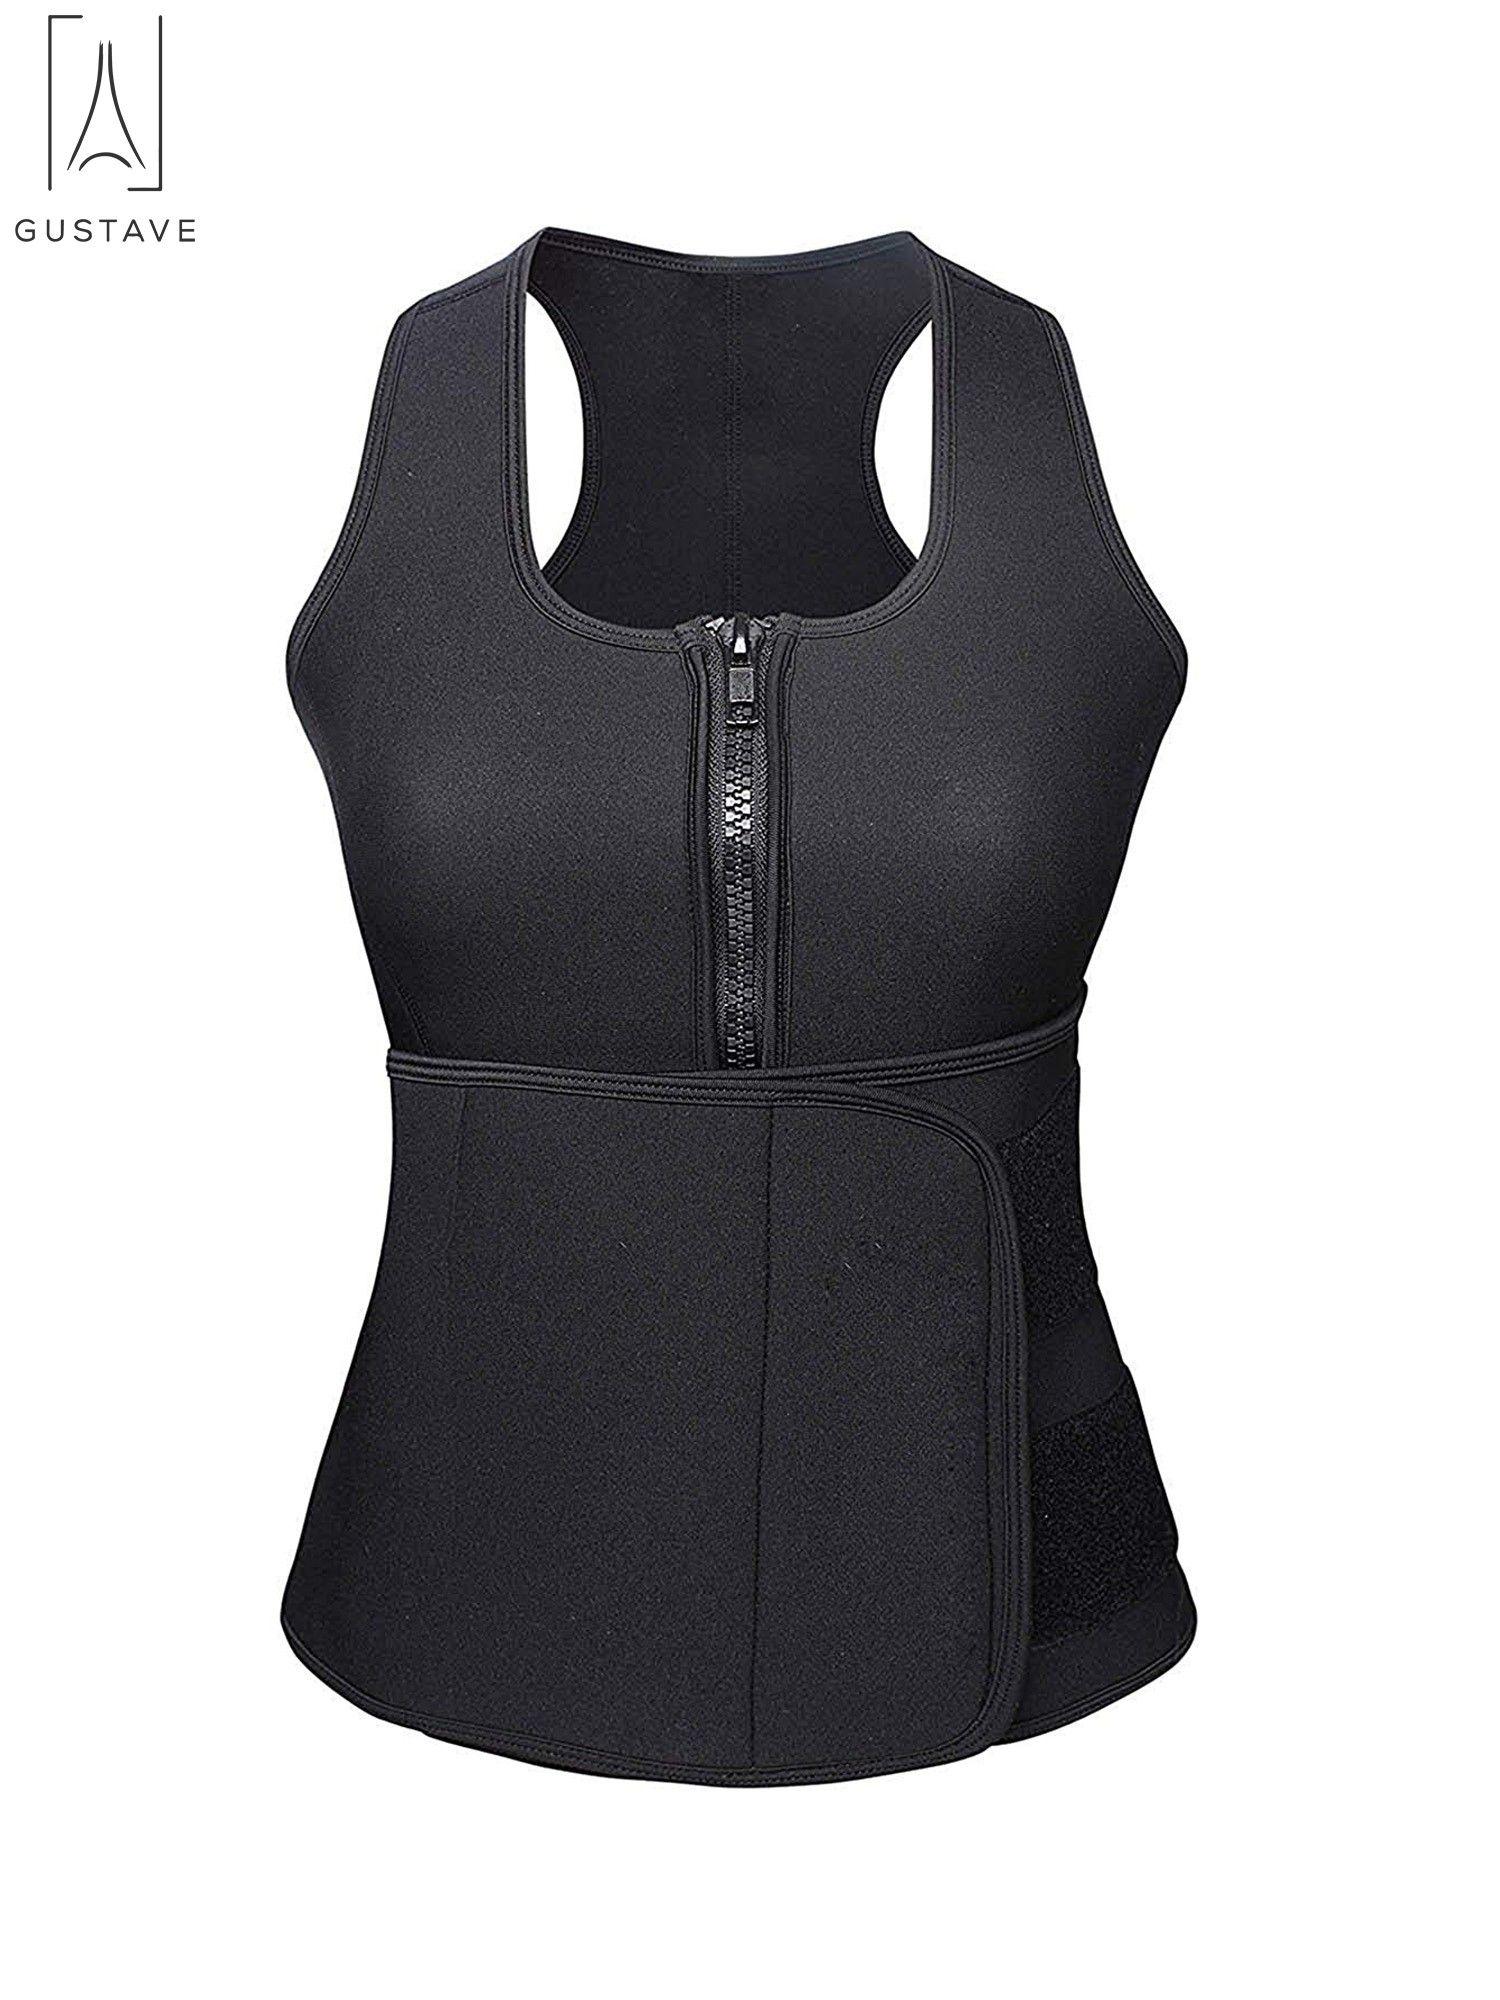 193dfe310b GustaveDesign Womens Neoprene Sauna Suit Waist Trainer Vest with Adjustable  Waist Trimmer Belt Body Shaper